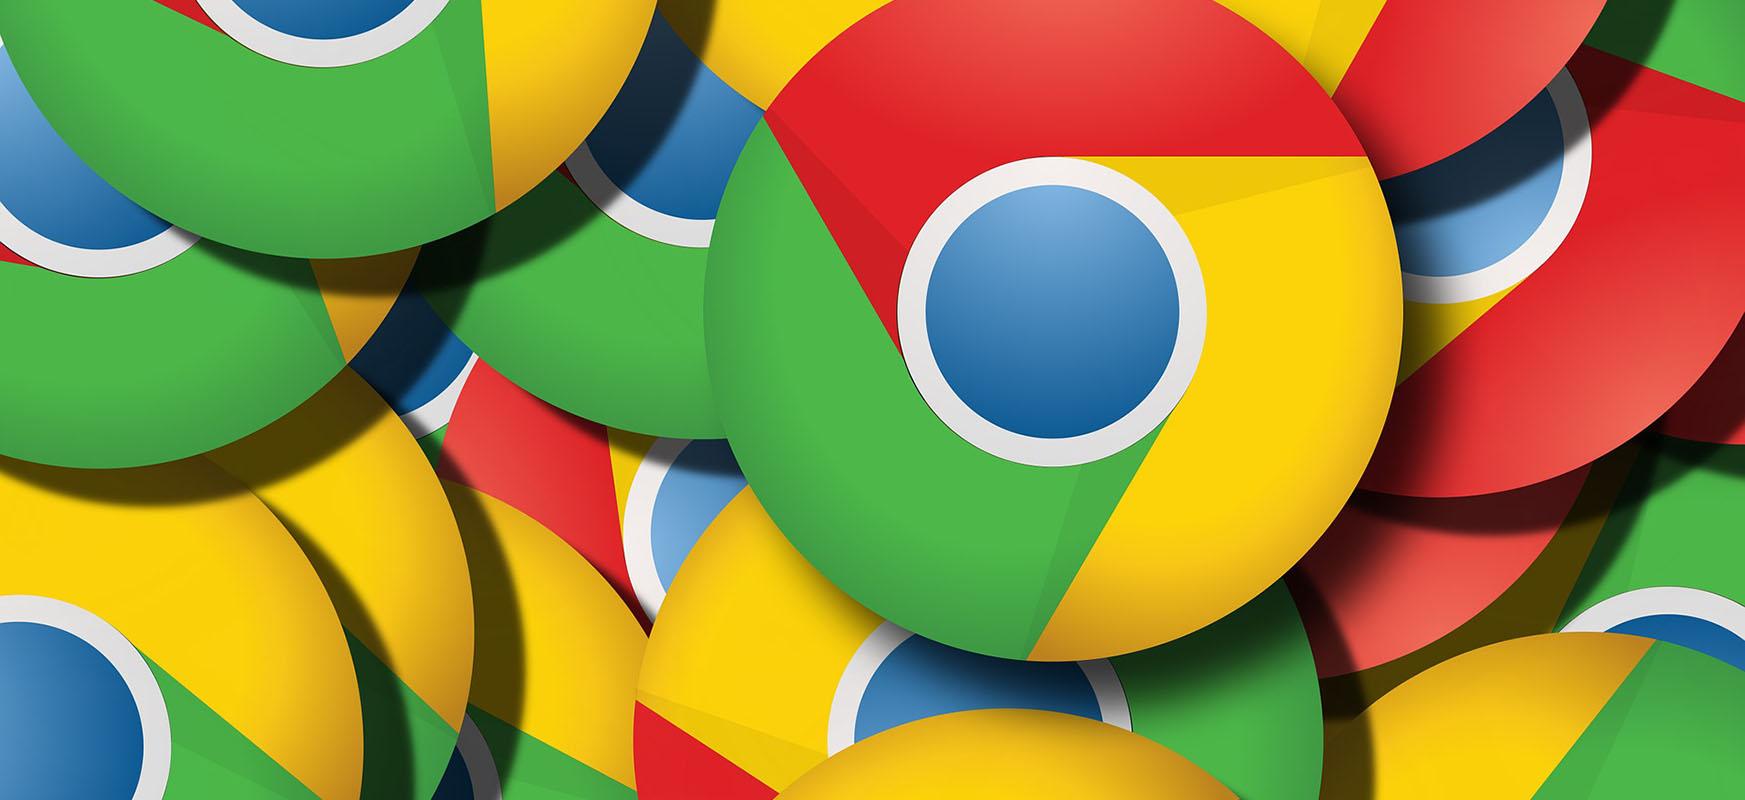 Modesta eta urrea.  Chrome-k PDF fitxategien bertsio editatuak deskargatzeko aukera emango dizu